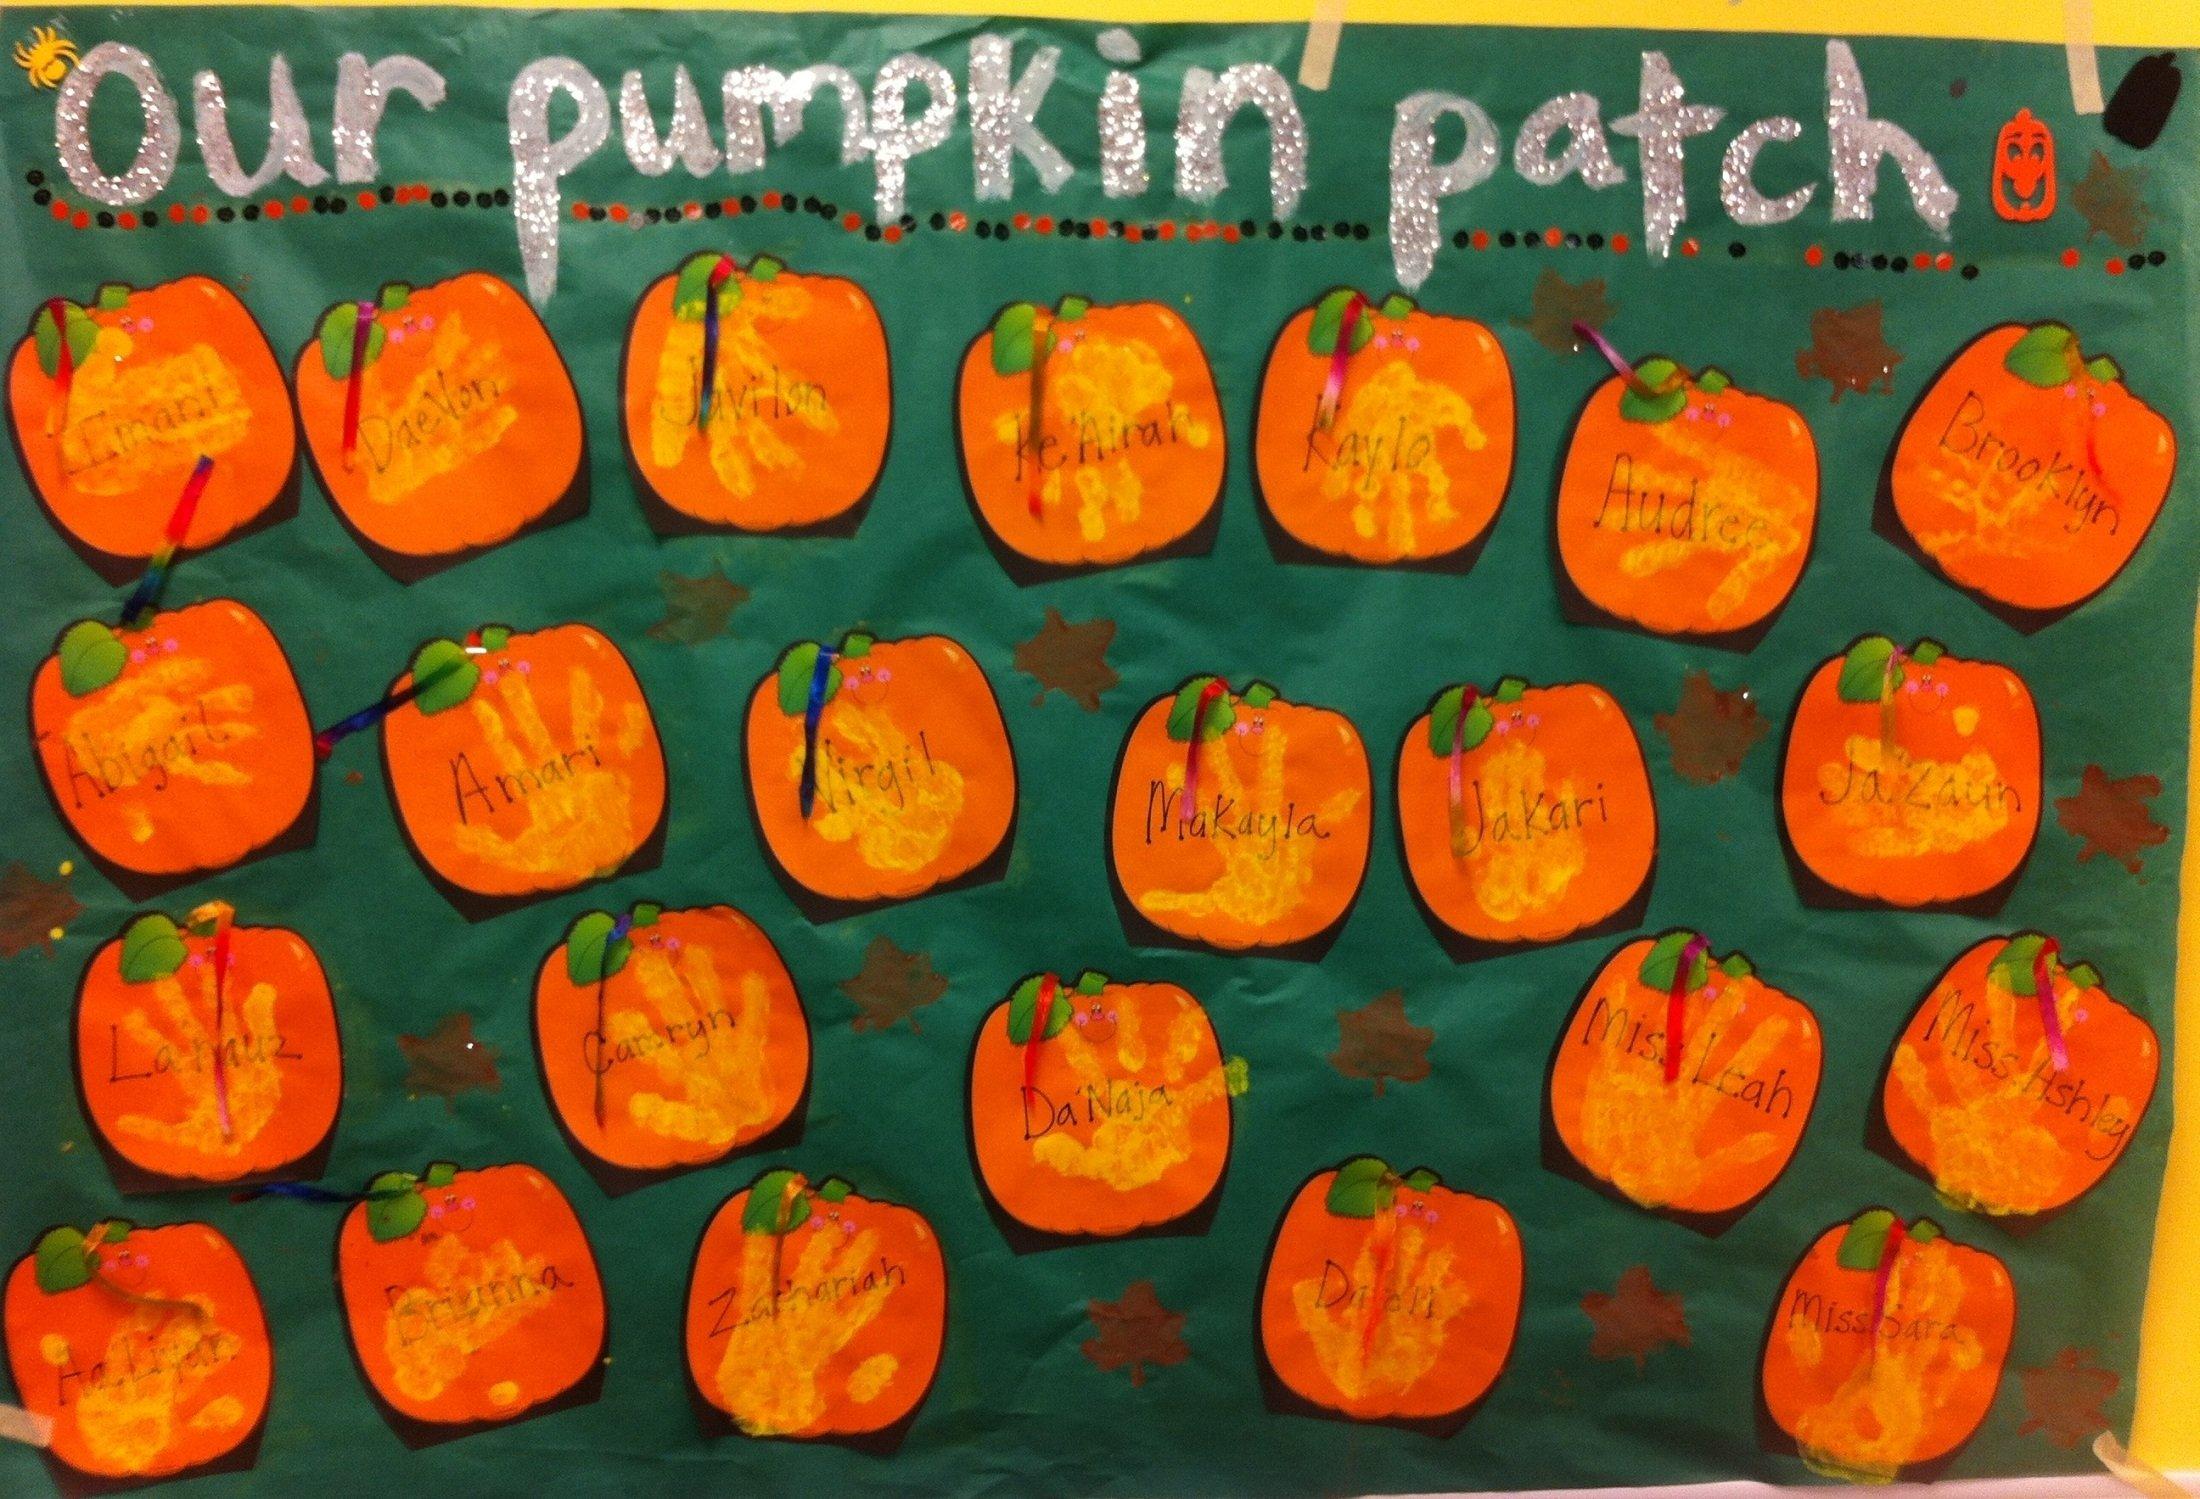 10 Great Pumpkin Patch Bulletin Board Ideas our pumpkin patch halloween bulletin board idea supplyme 2021